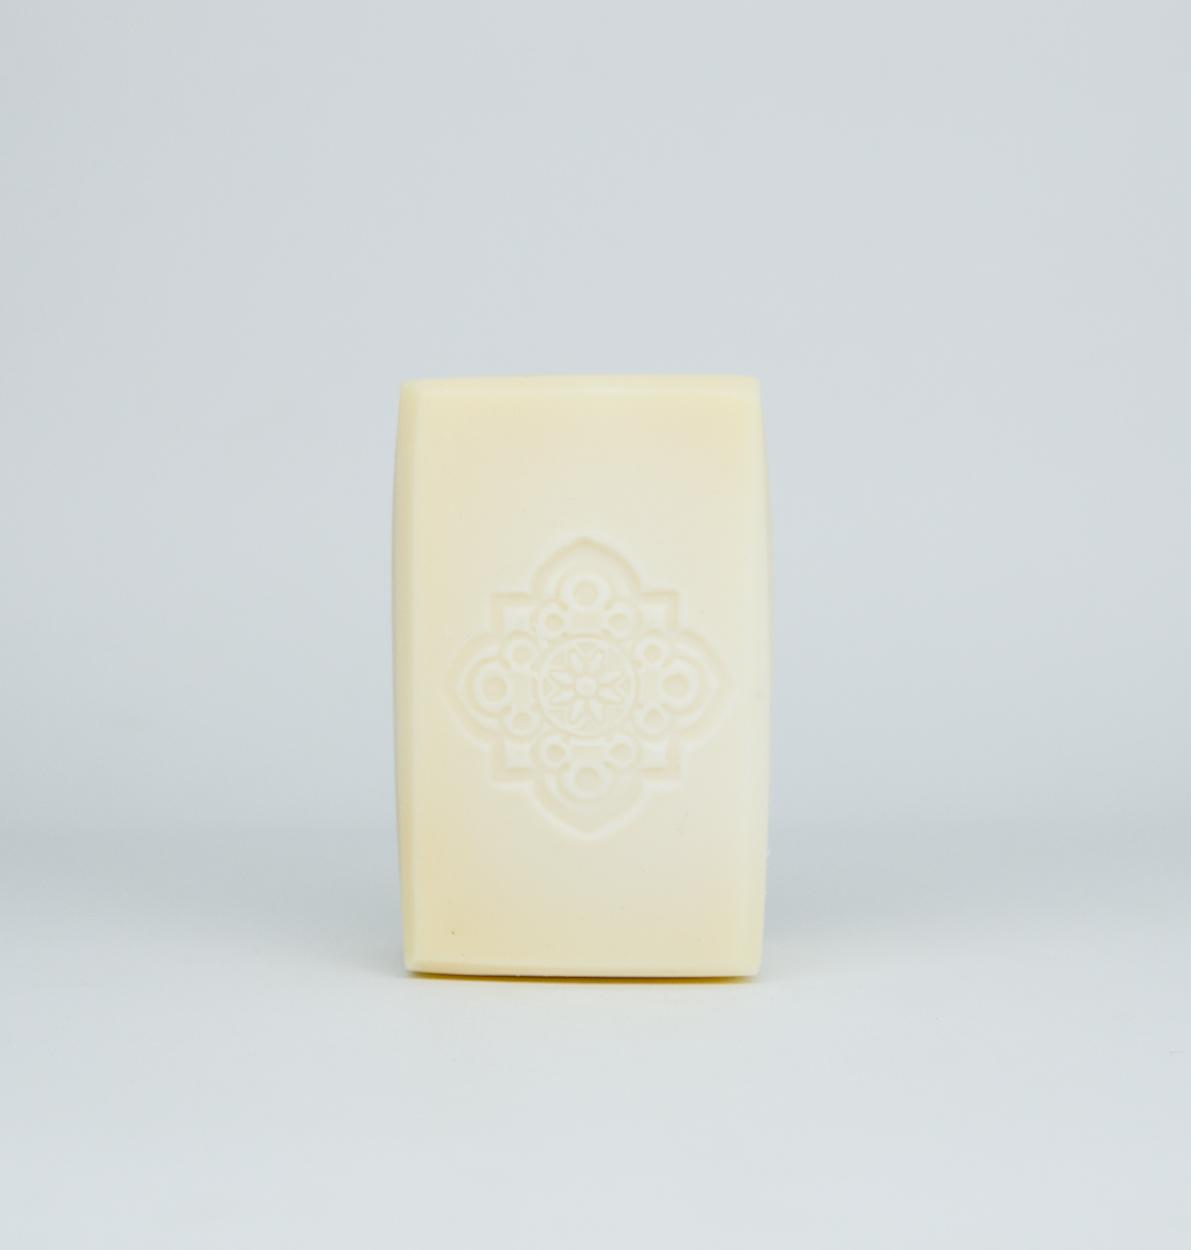 Olive oil soap for sensitive skin product shot